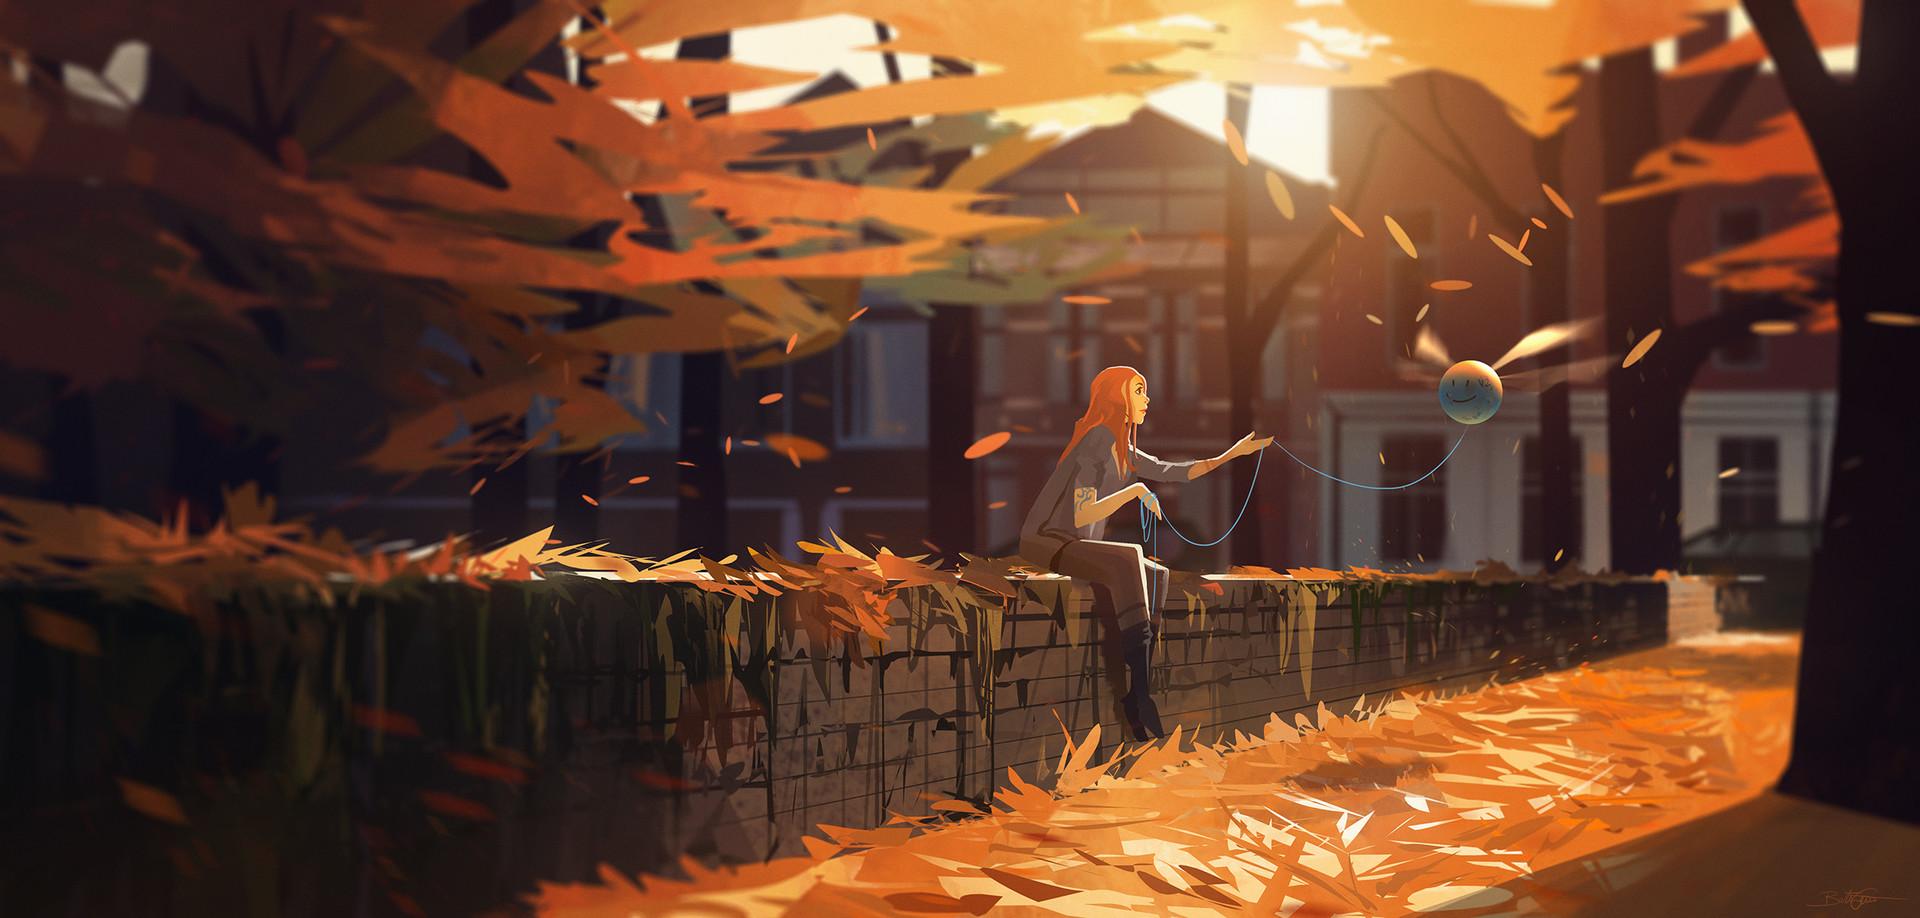 Философия в картинках - Страница 3 Bastien-grivet-autumn